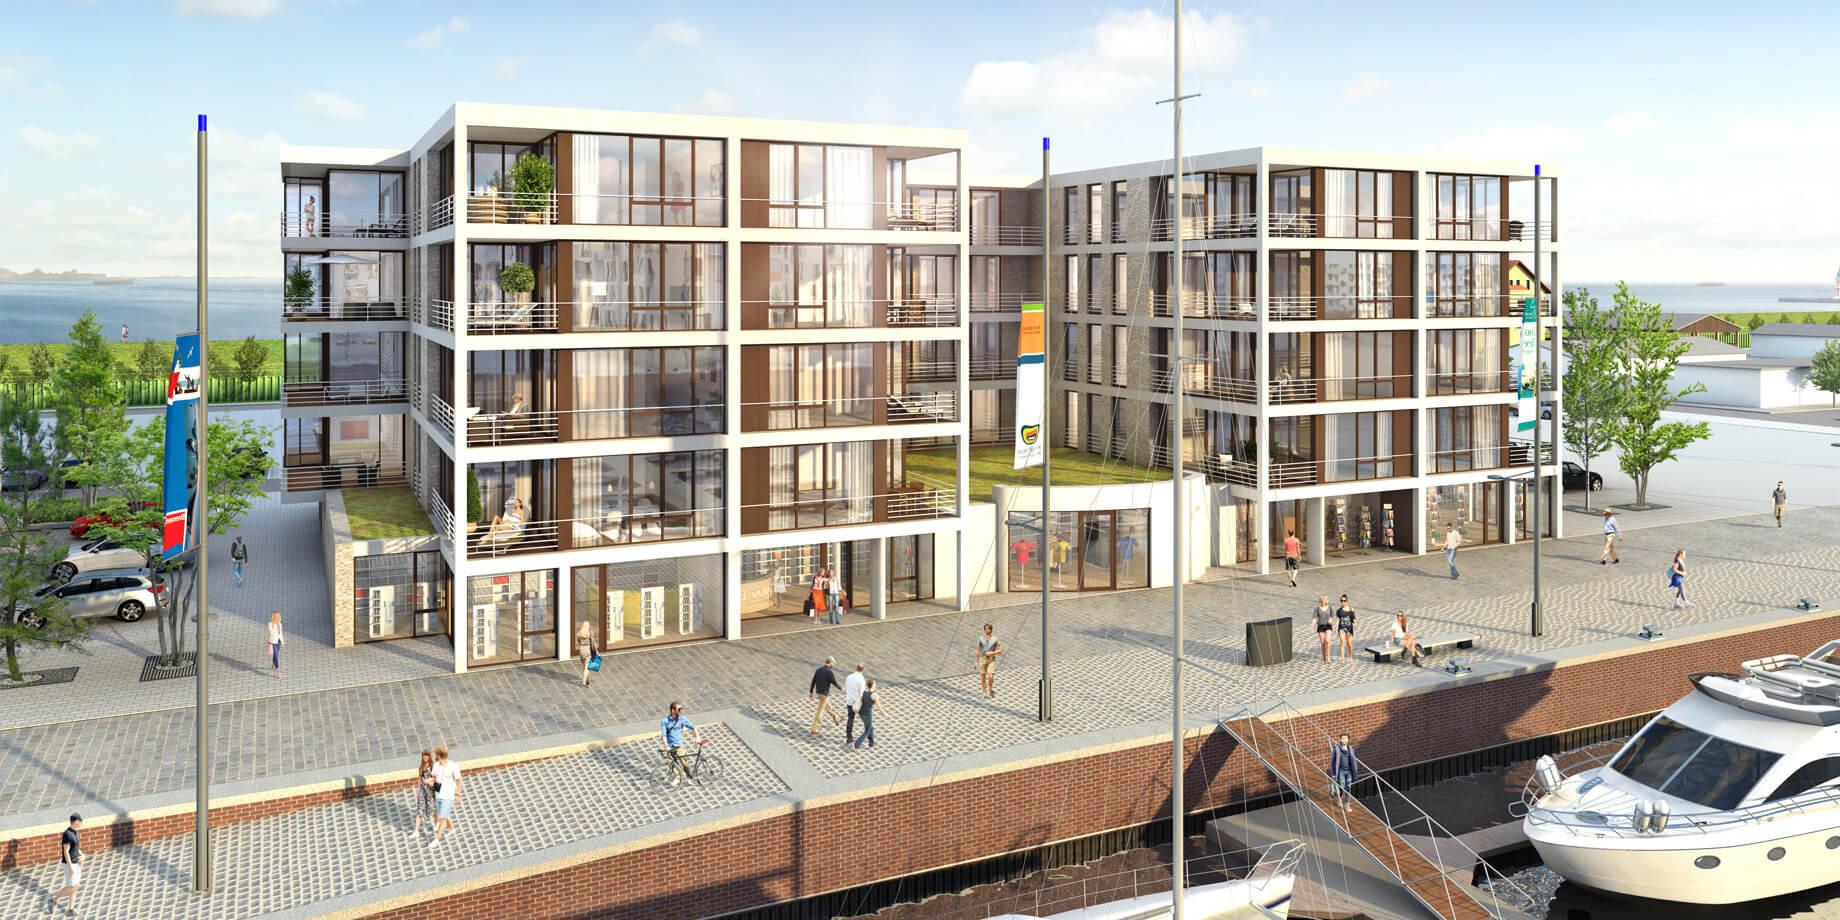 Haus Kaufen Bremerhaven  Wohnung in Bremerhaven kaufen – Panorama Bremerhaven